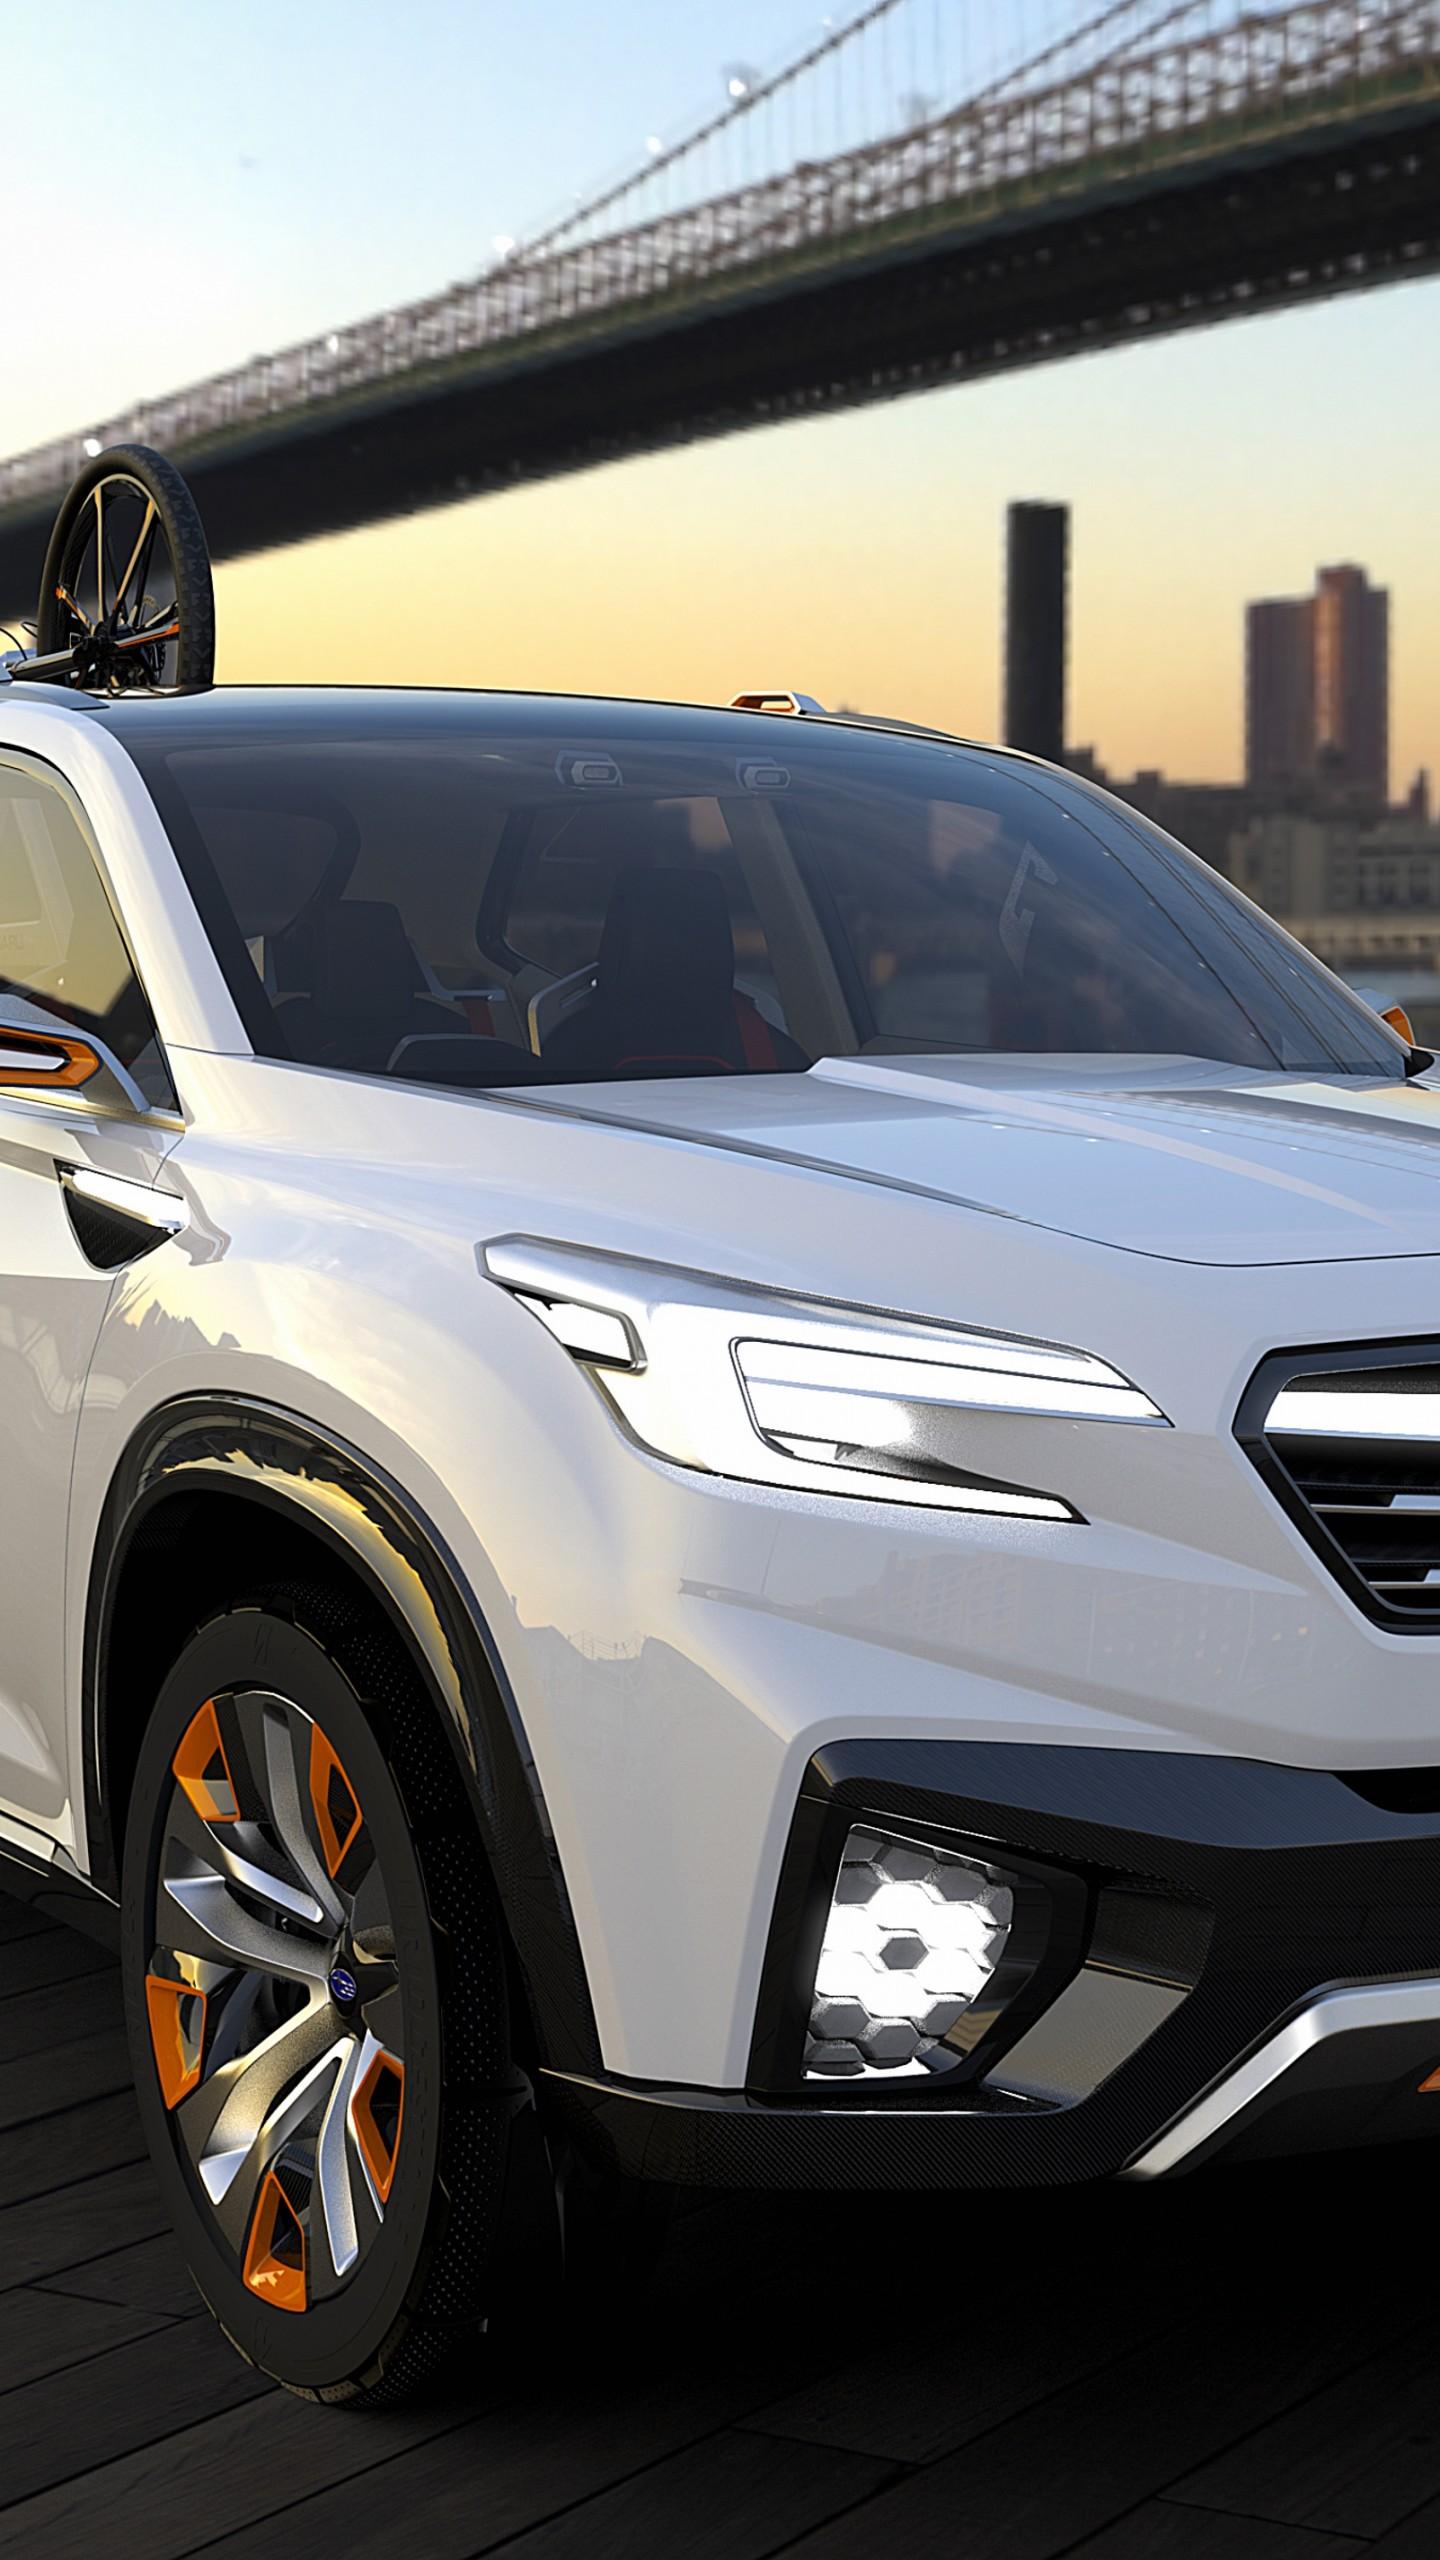 Wallpaper Subaru Viziv Future Concept Cars Amp Bikes 7596